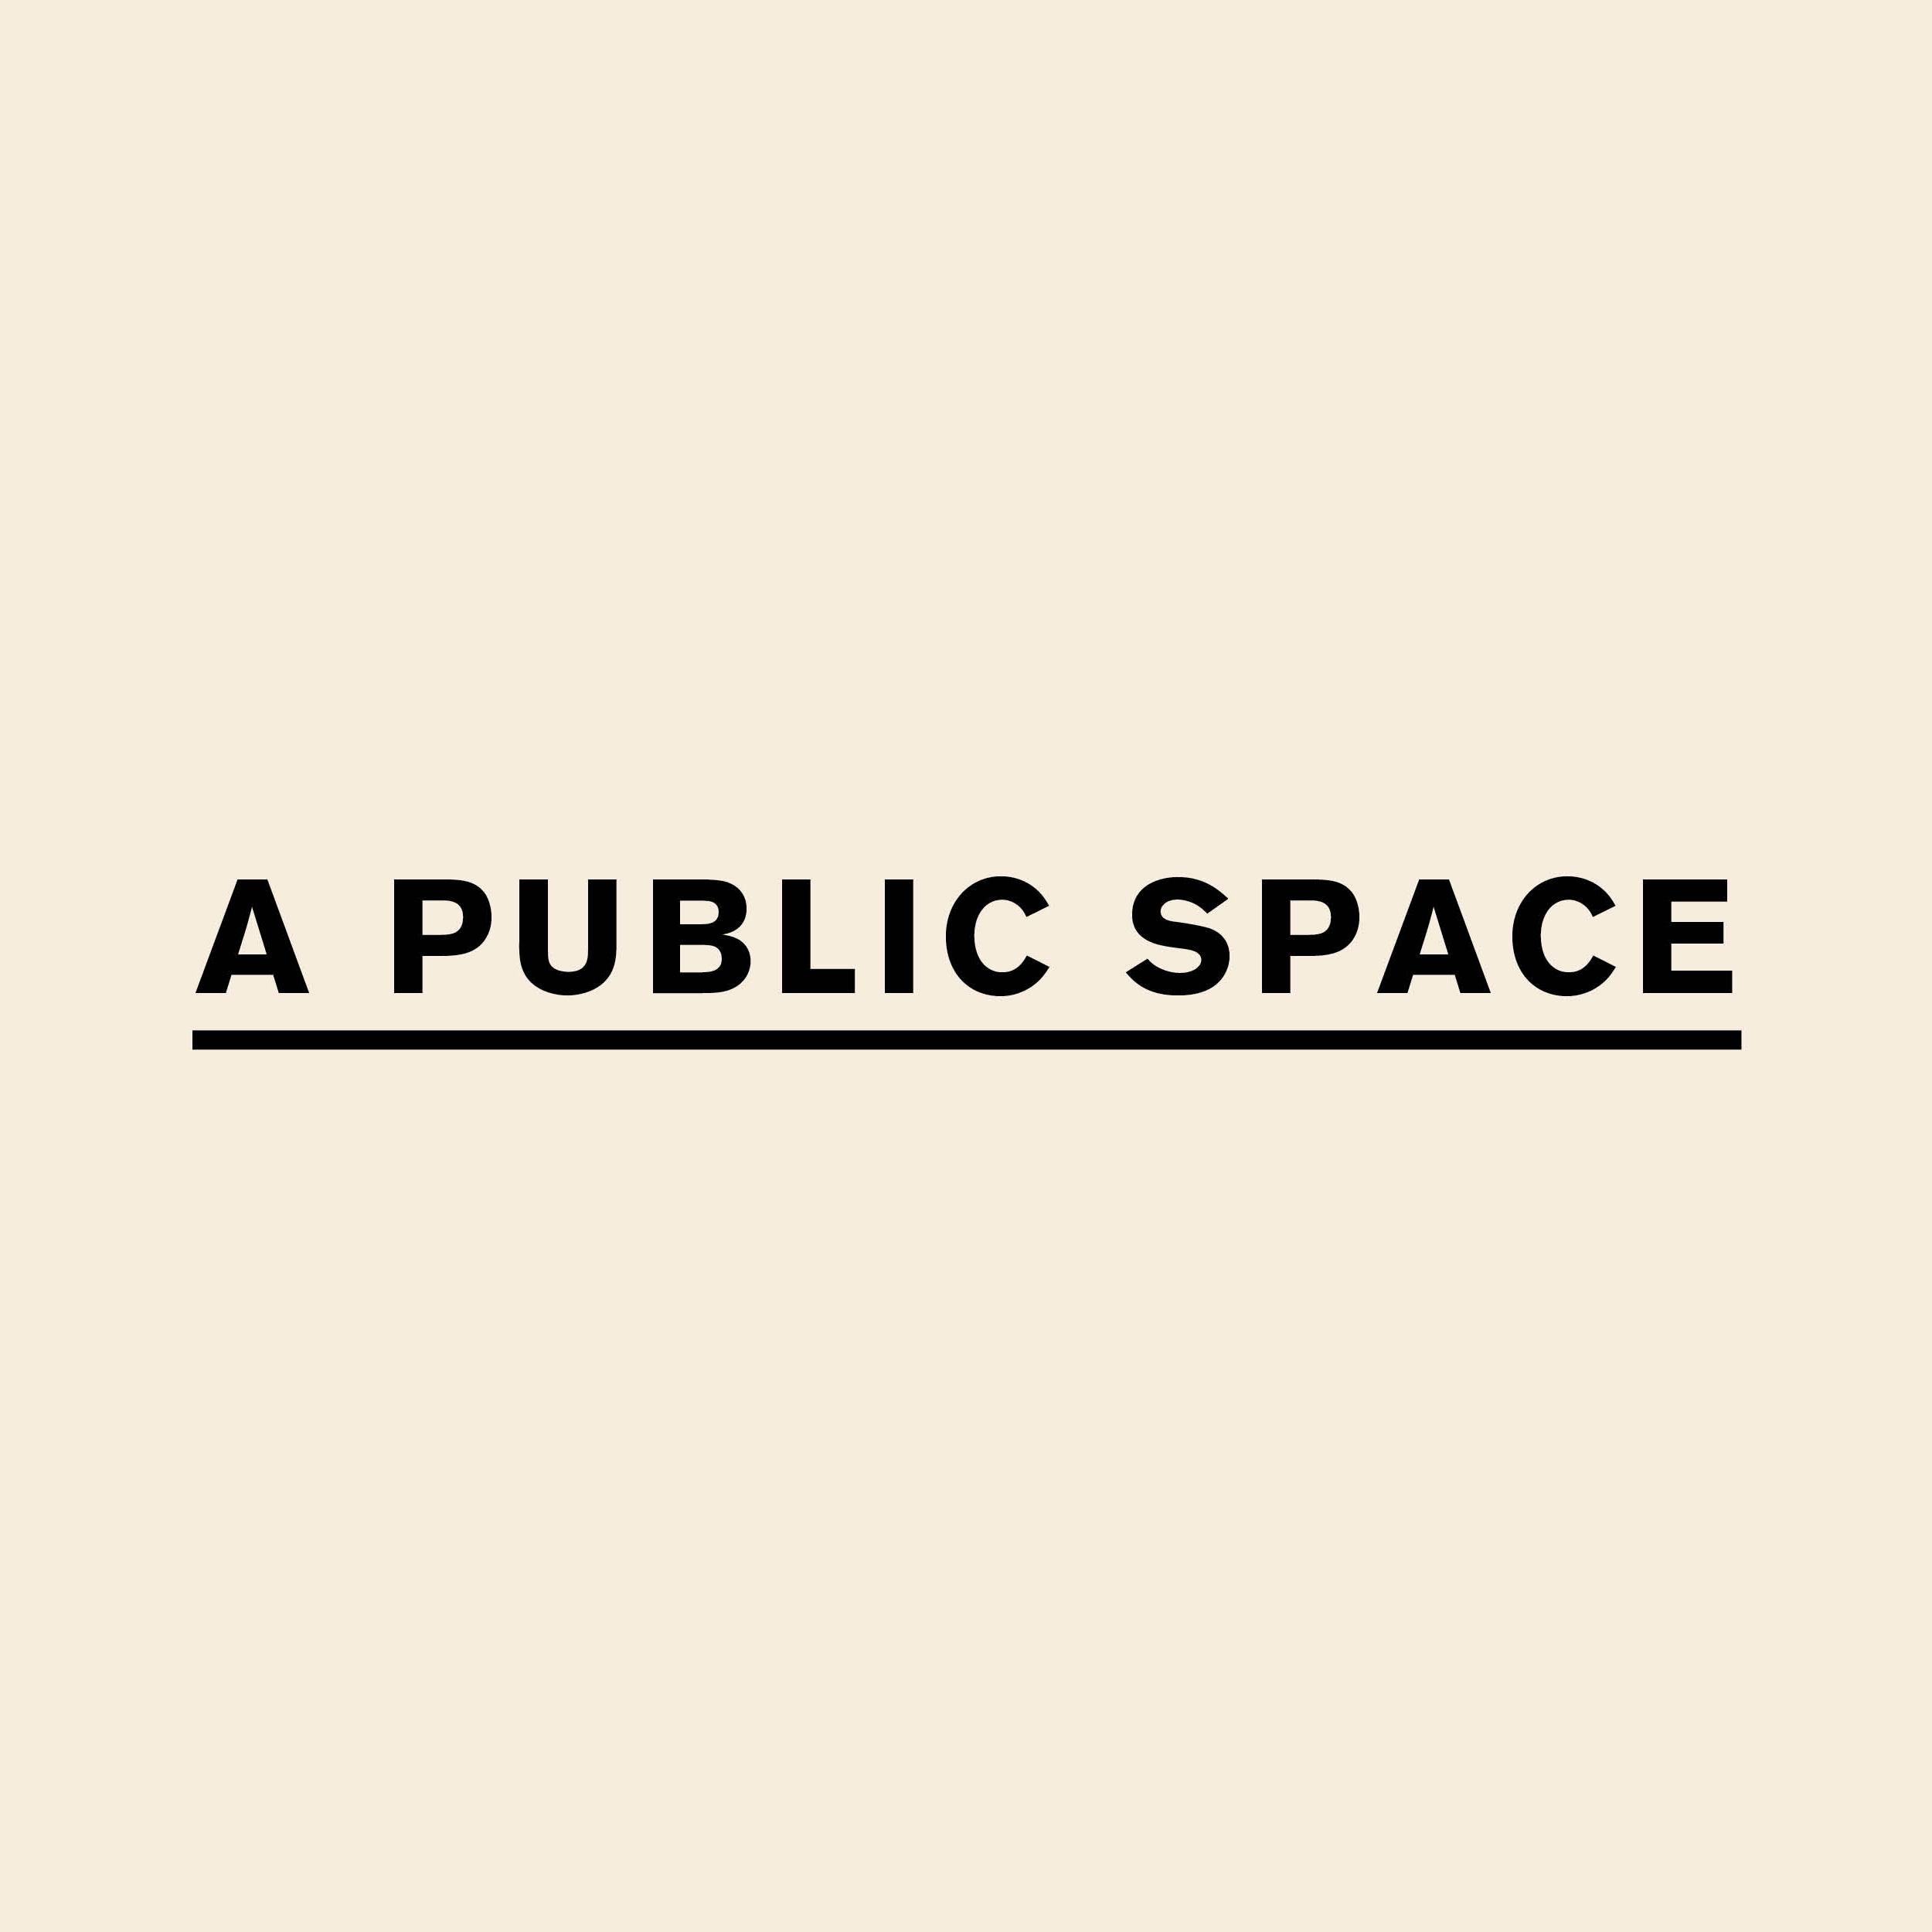 a public space.jpg